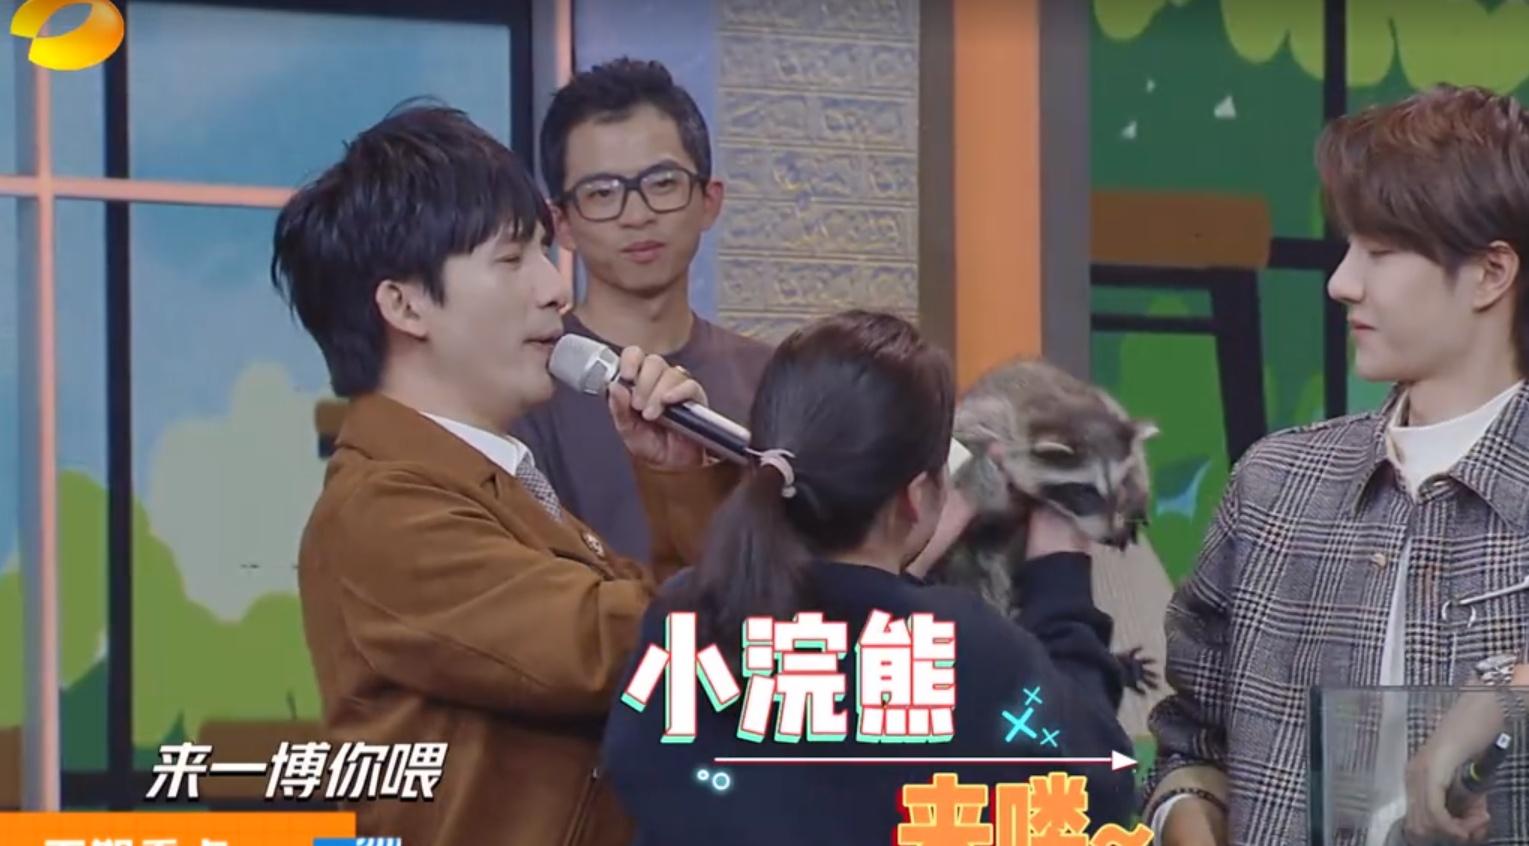 王一博节目中逗弄小浣熊,有谁注意到他的抱姿全网女生都沸腾了!